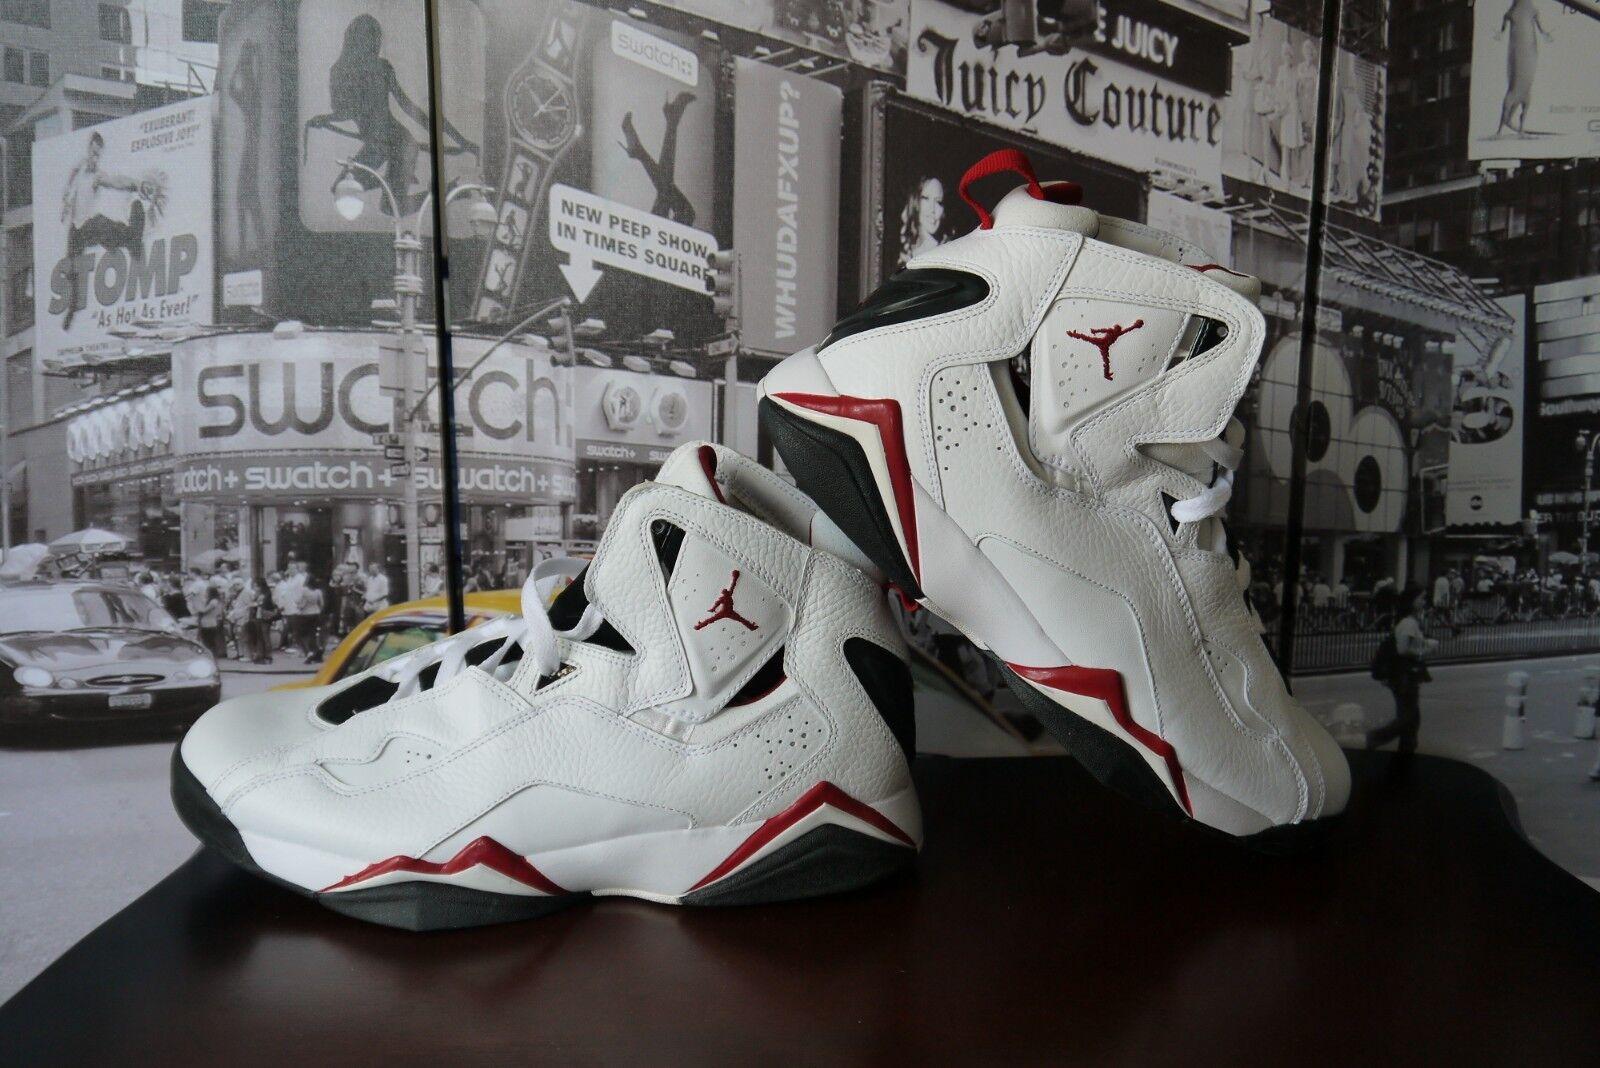 2008 Nike Jordan True True True Flight 343795-161 White Varsity Red SZ BOYS 4.5 Y EU 36.5 90cd66